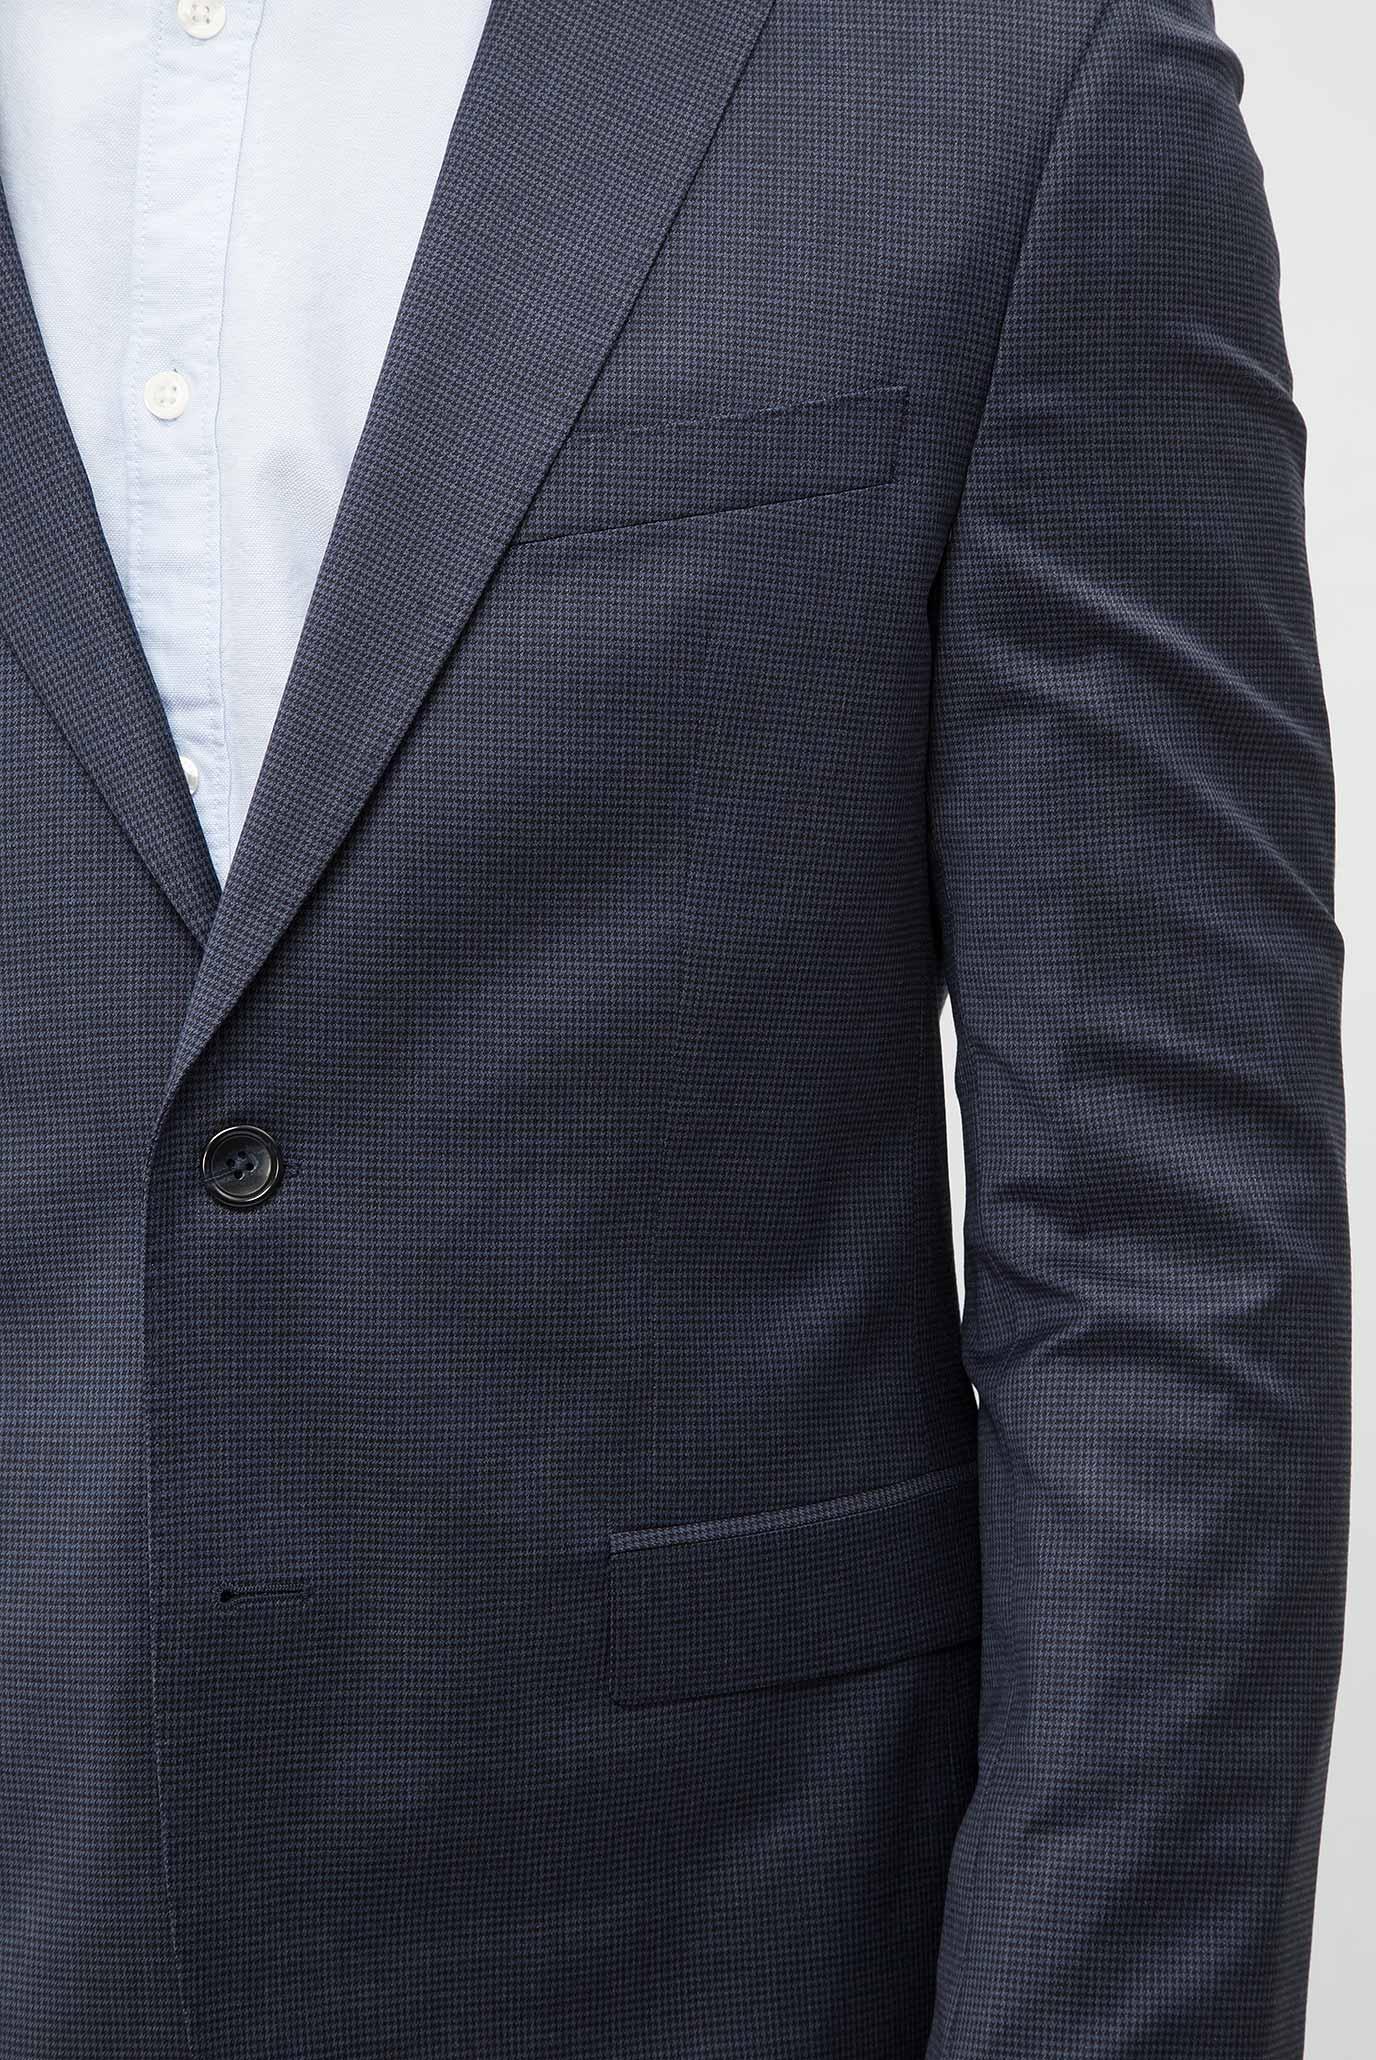 Купить Мужской темно-синий костюм Tommy Hilfiger Tommy Hilfiger TT0TT02111 – Киев, Украина. Цены в интернет магазине MD Fashion